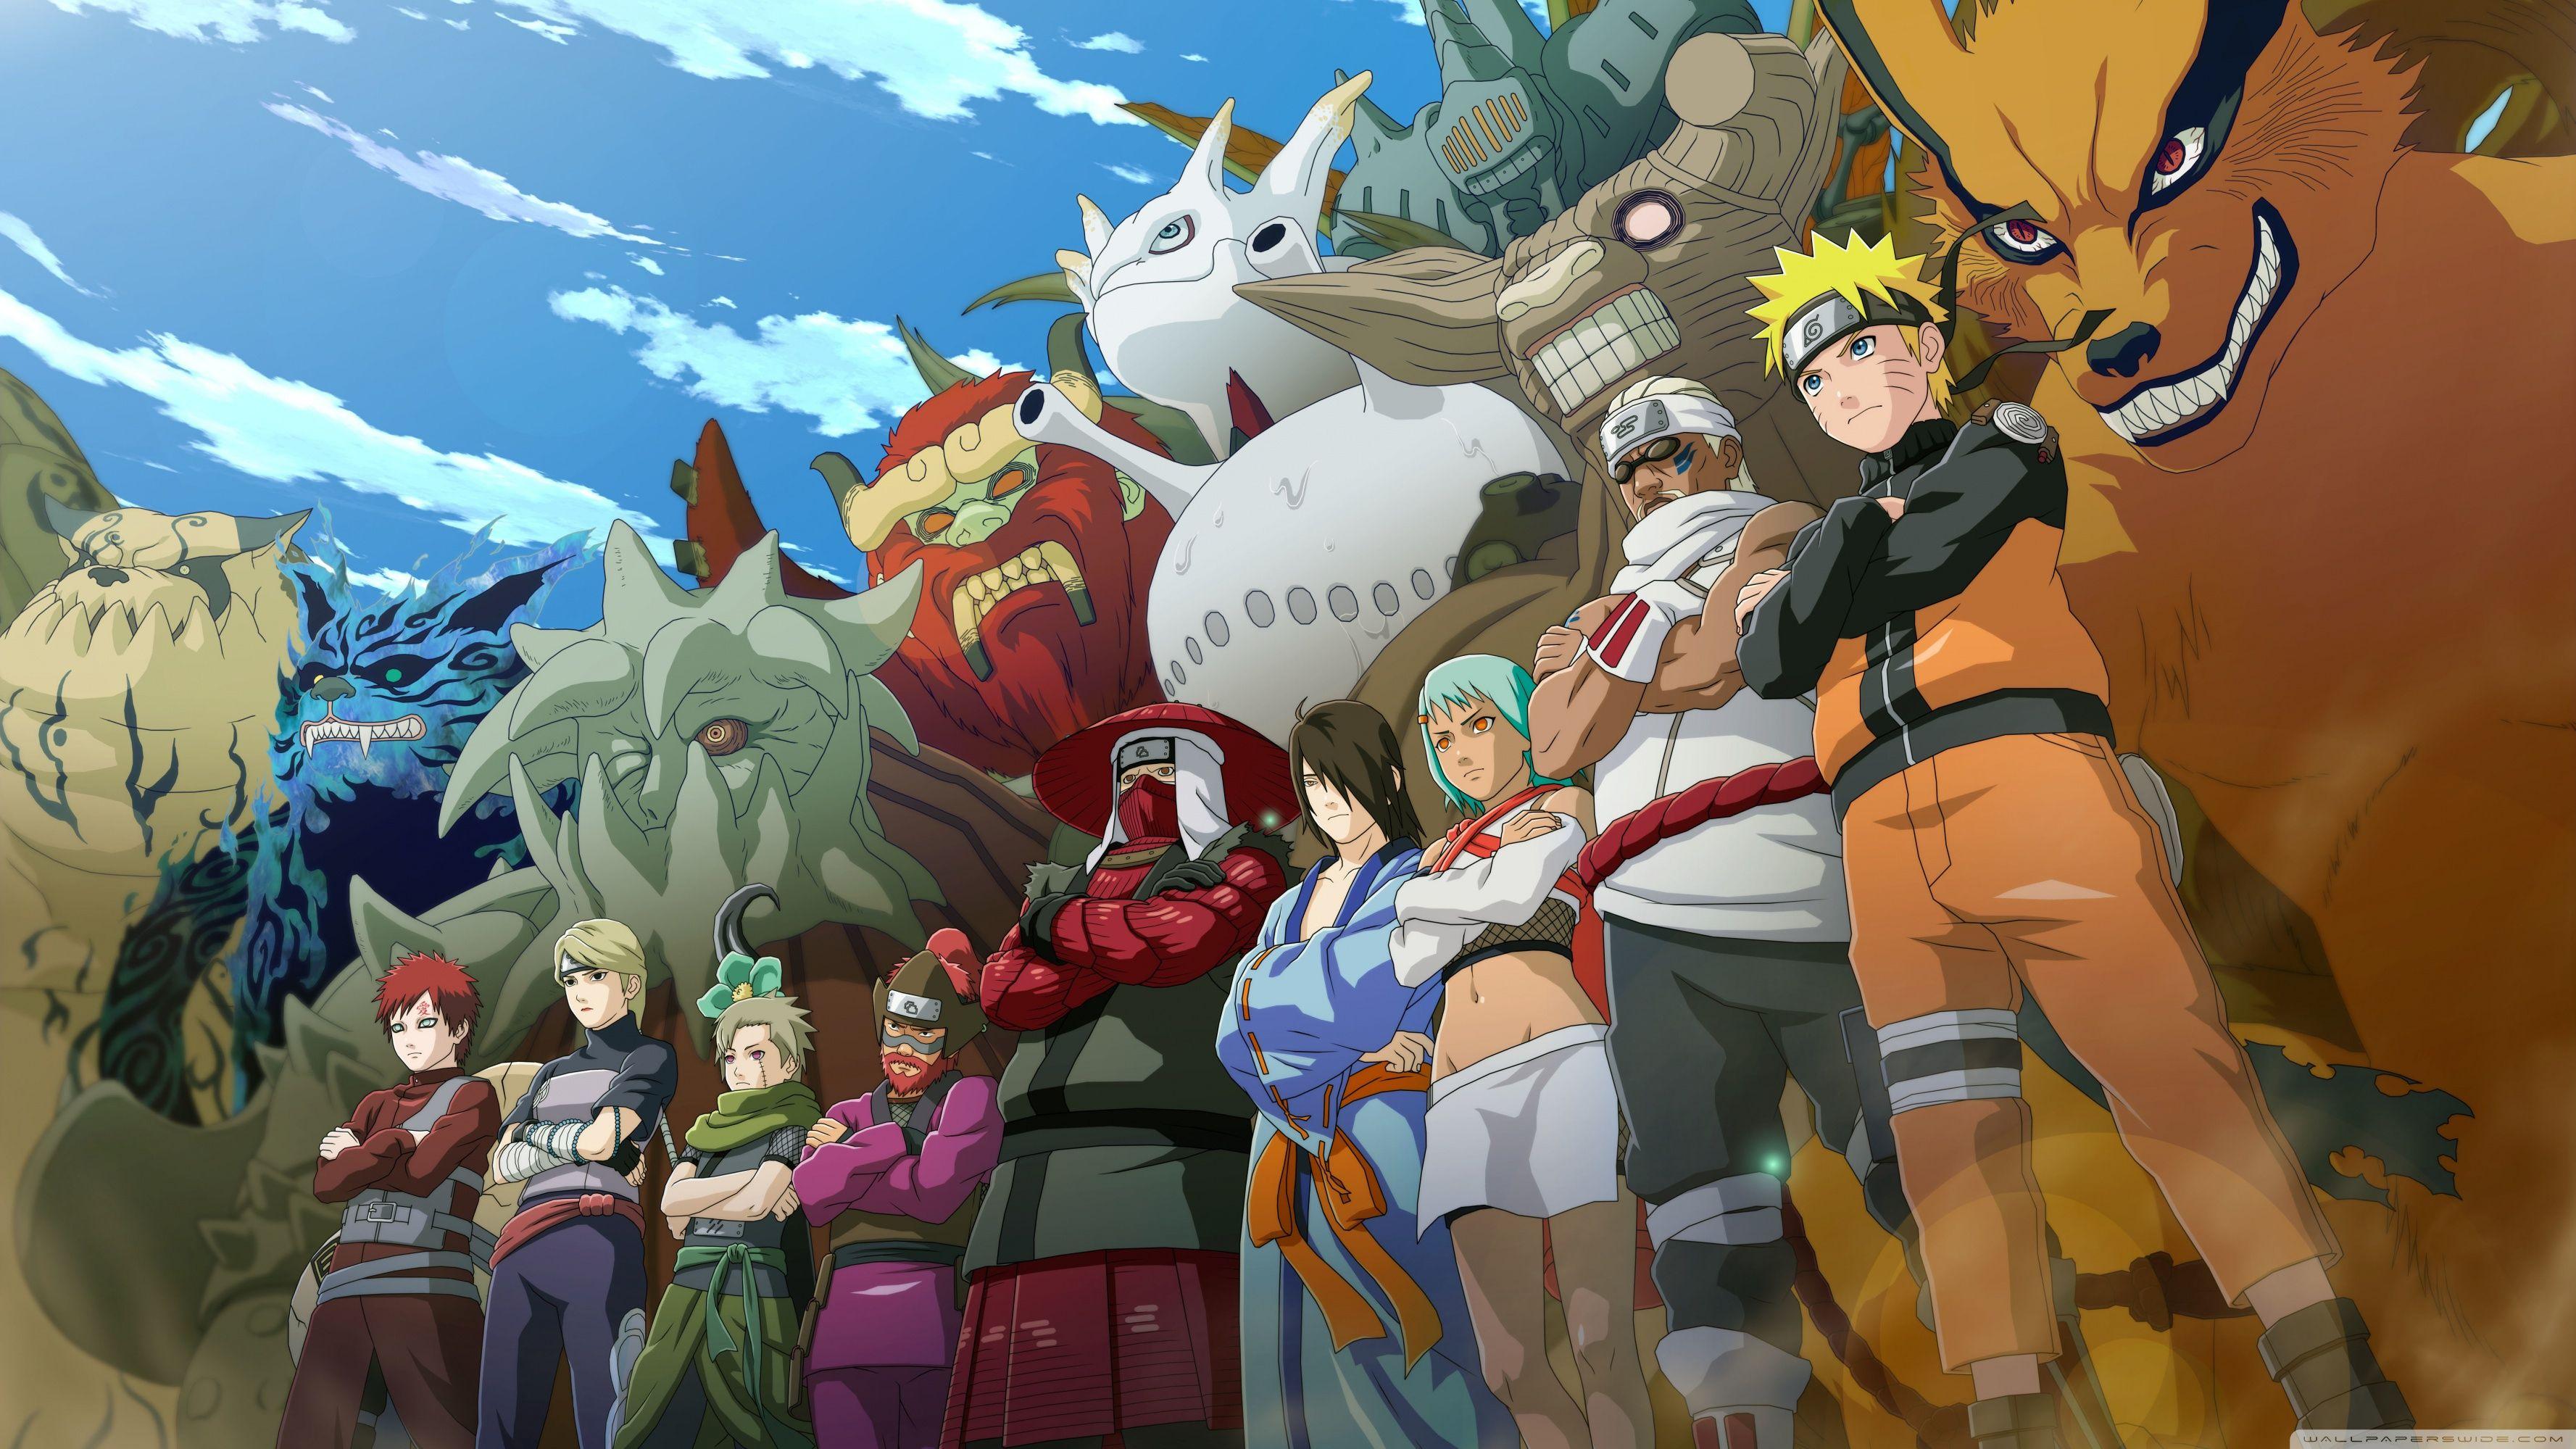 [77+] Naruto Shippuden Wallpaper For Desktop on ...